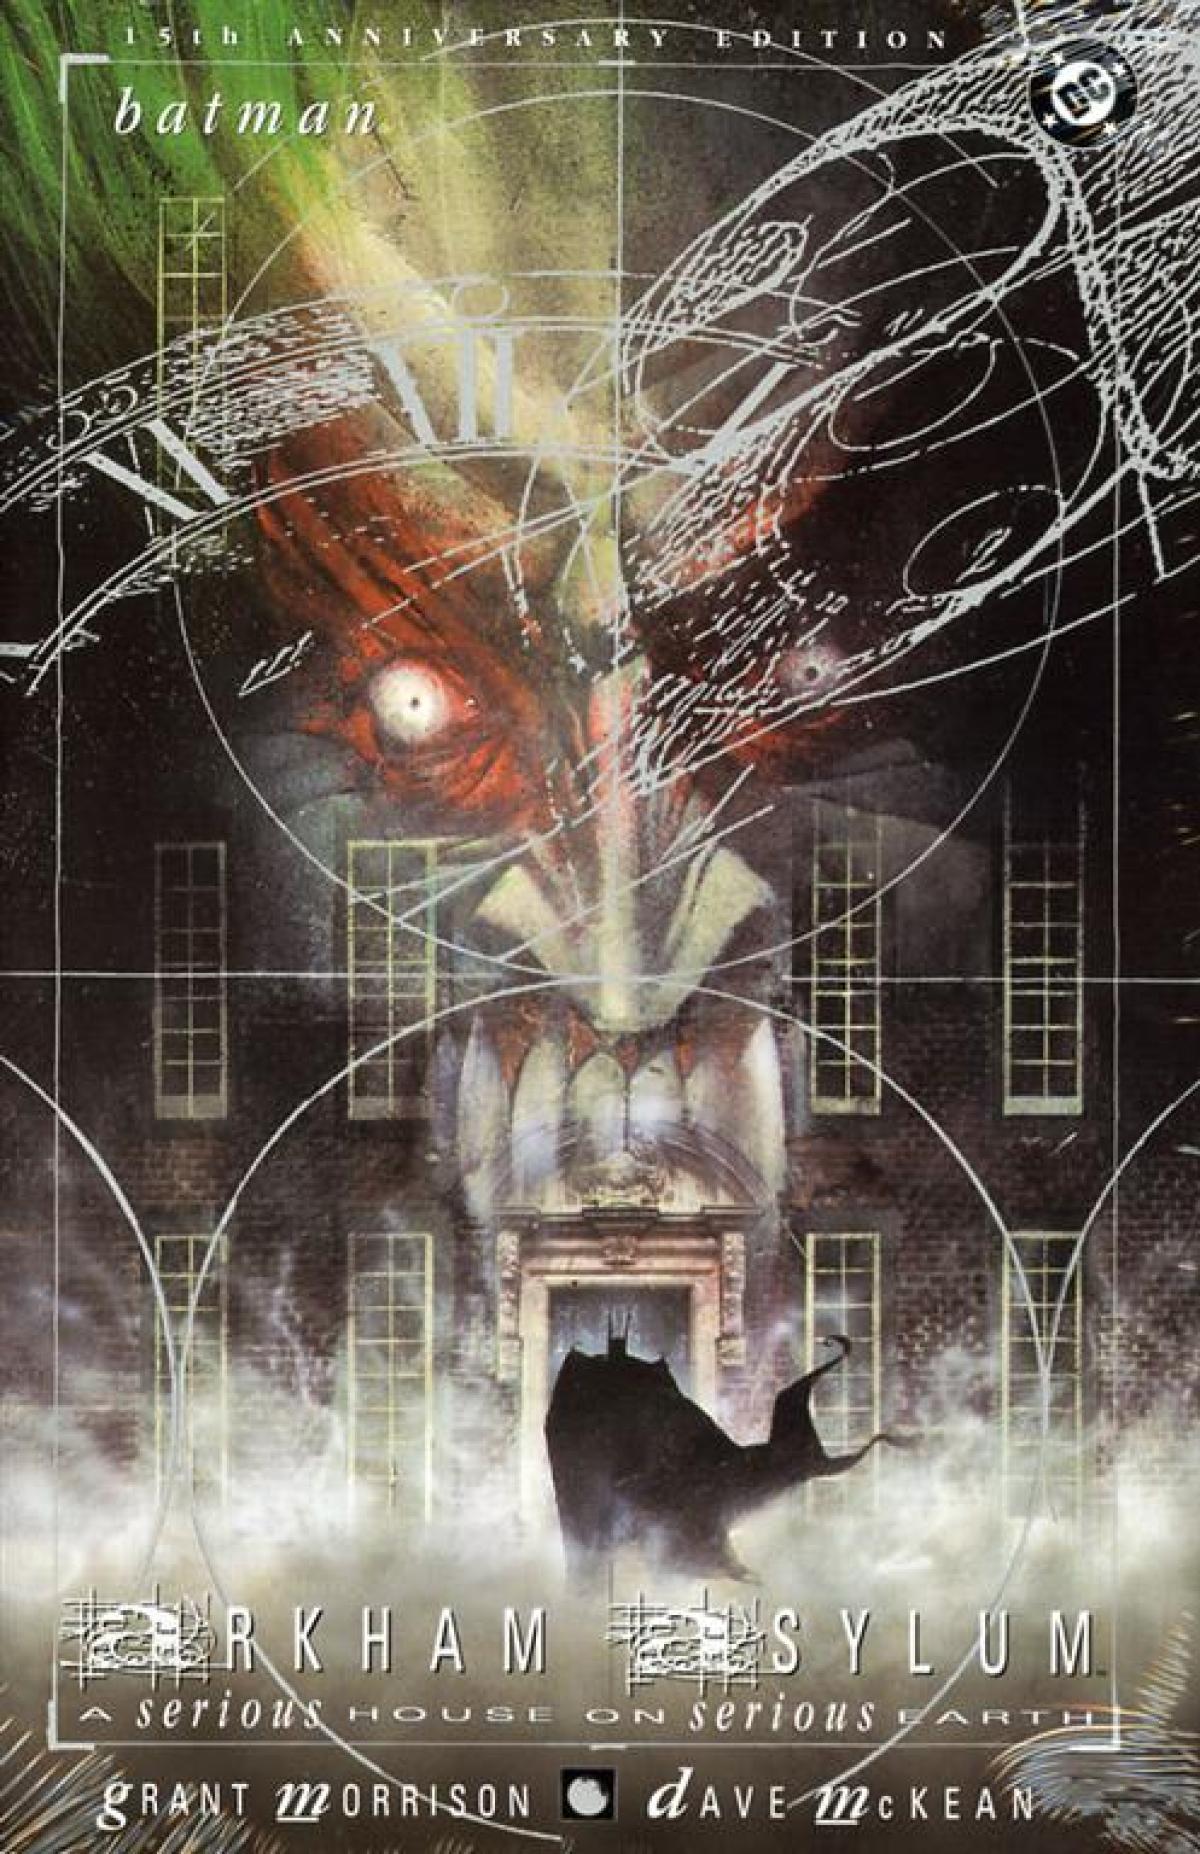 Portadas de cómics 344674-mejores-comics-batman-asilo-arkham-morrison-mckean